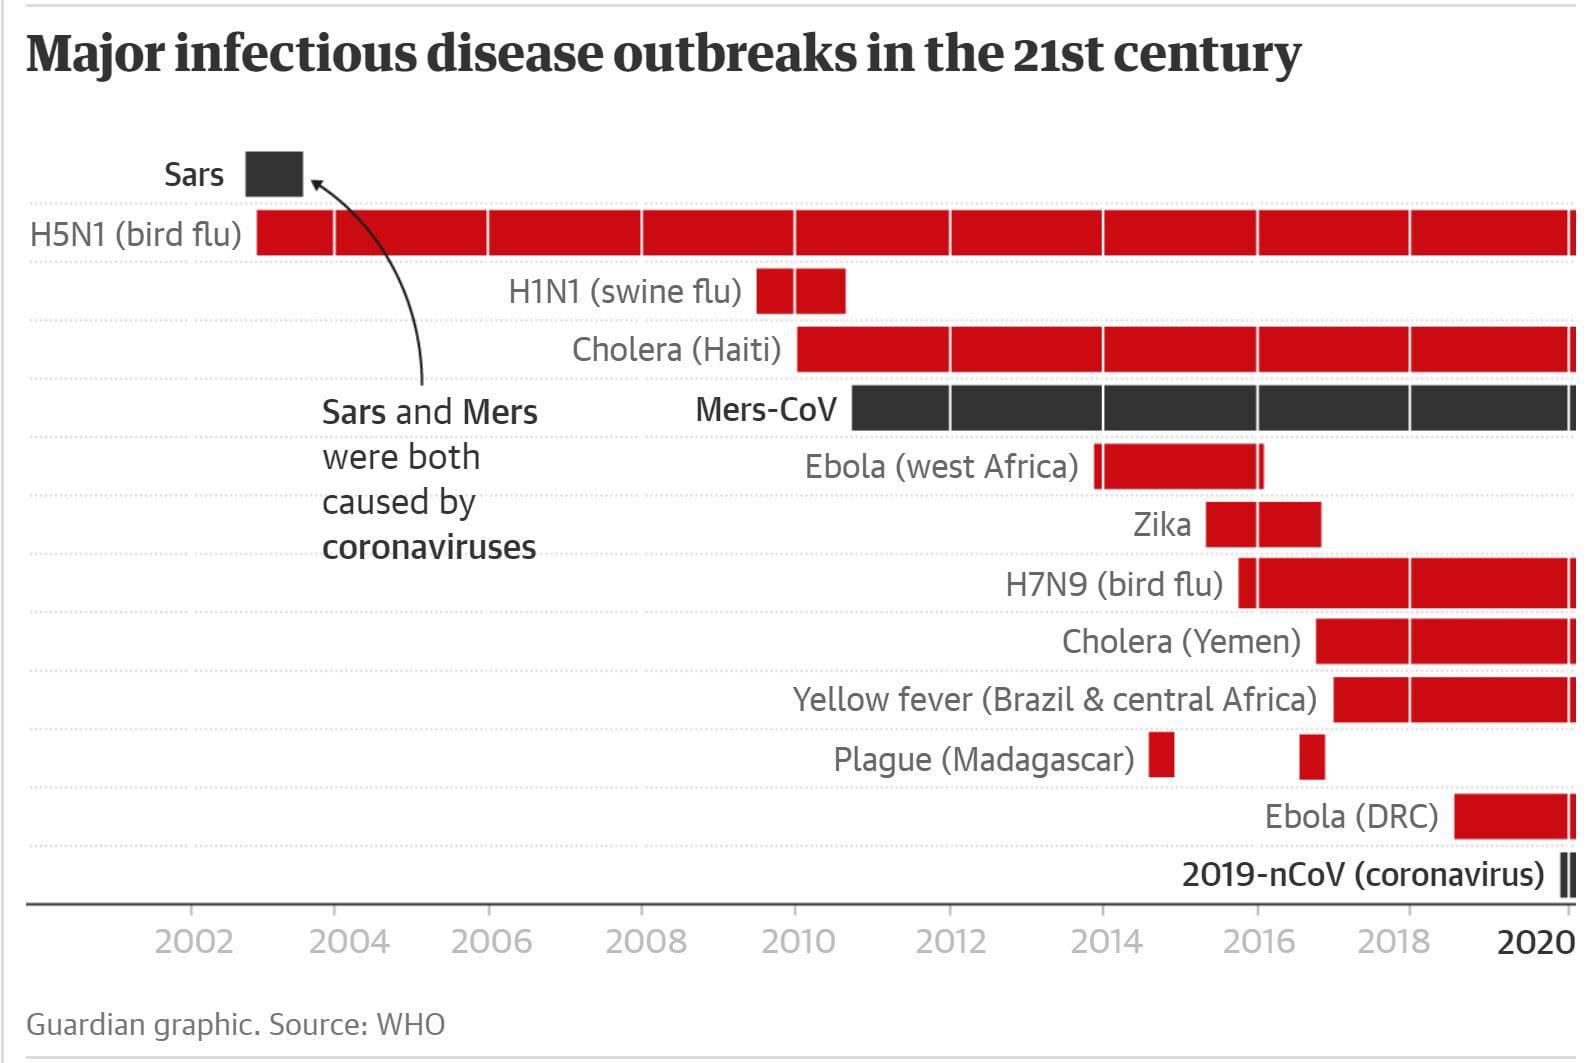 Grafic cu focarele de infecții majore din secolul XXI